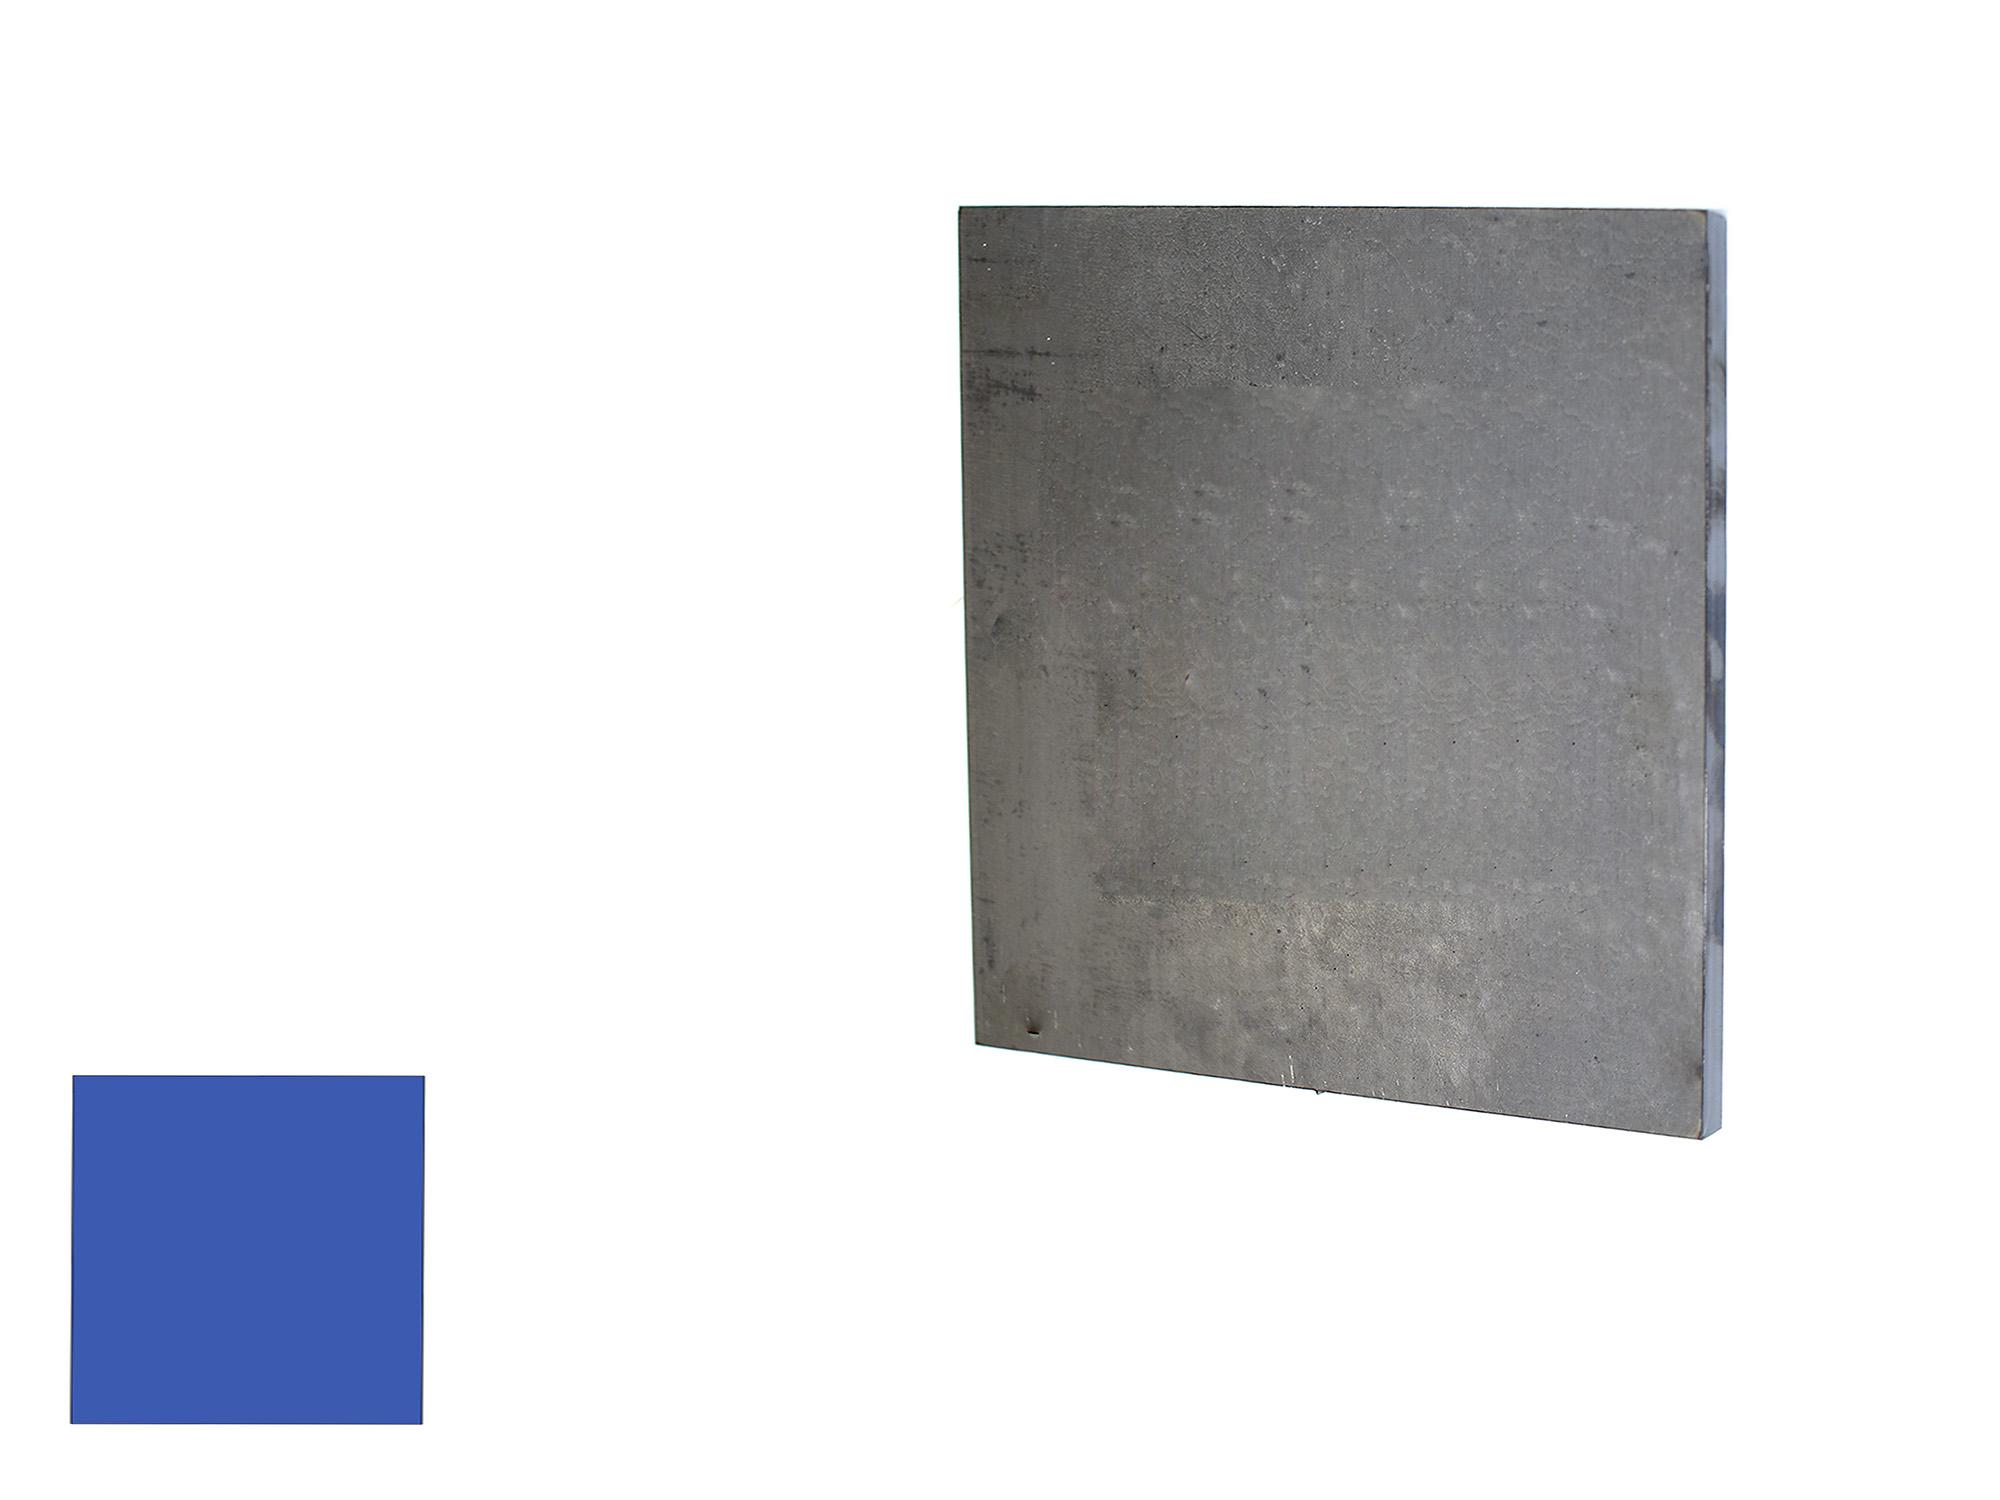 eindplaat vierkant 100 x 100 x 4mm